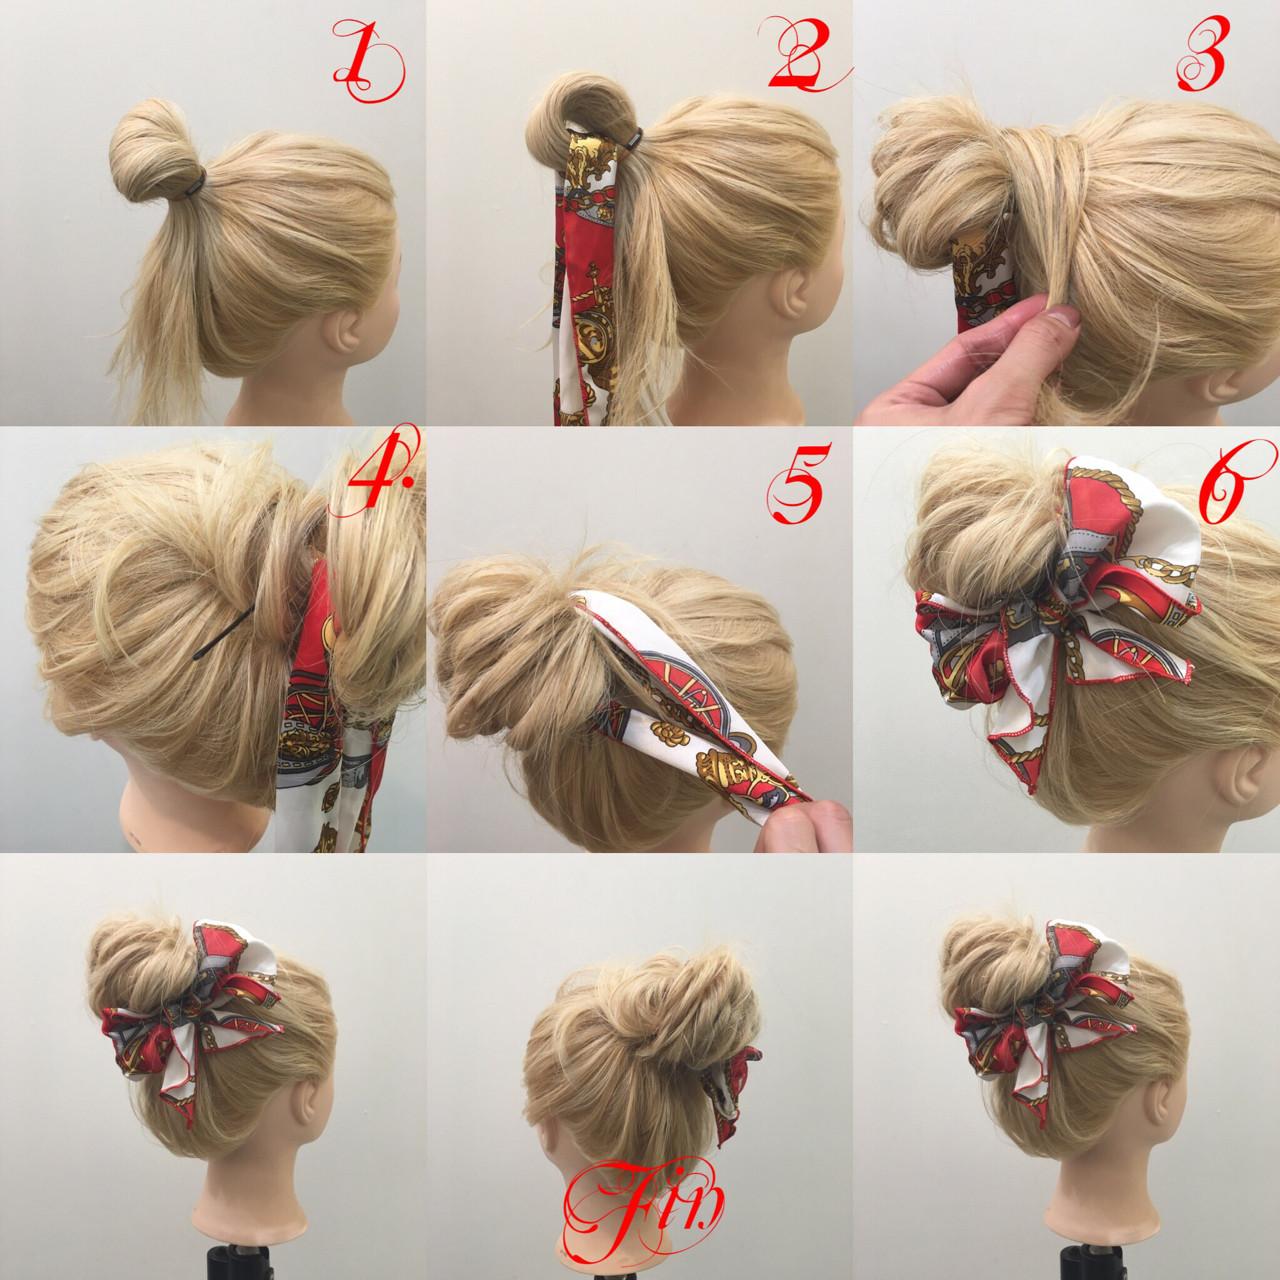 ゆるふわ ロング 簡単ヘアアレンジ メッシーバン ヘアスタイルや髪型の写真・画像   hiroki / Lien